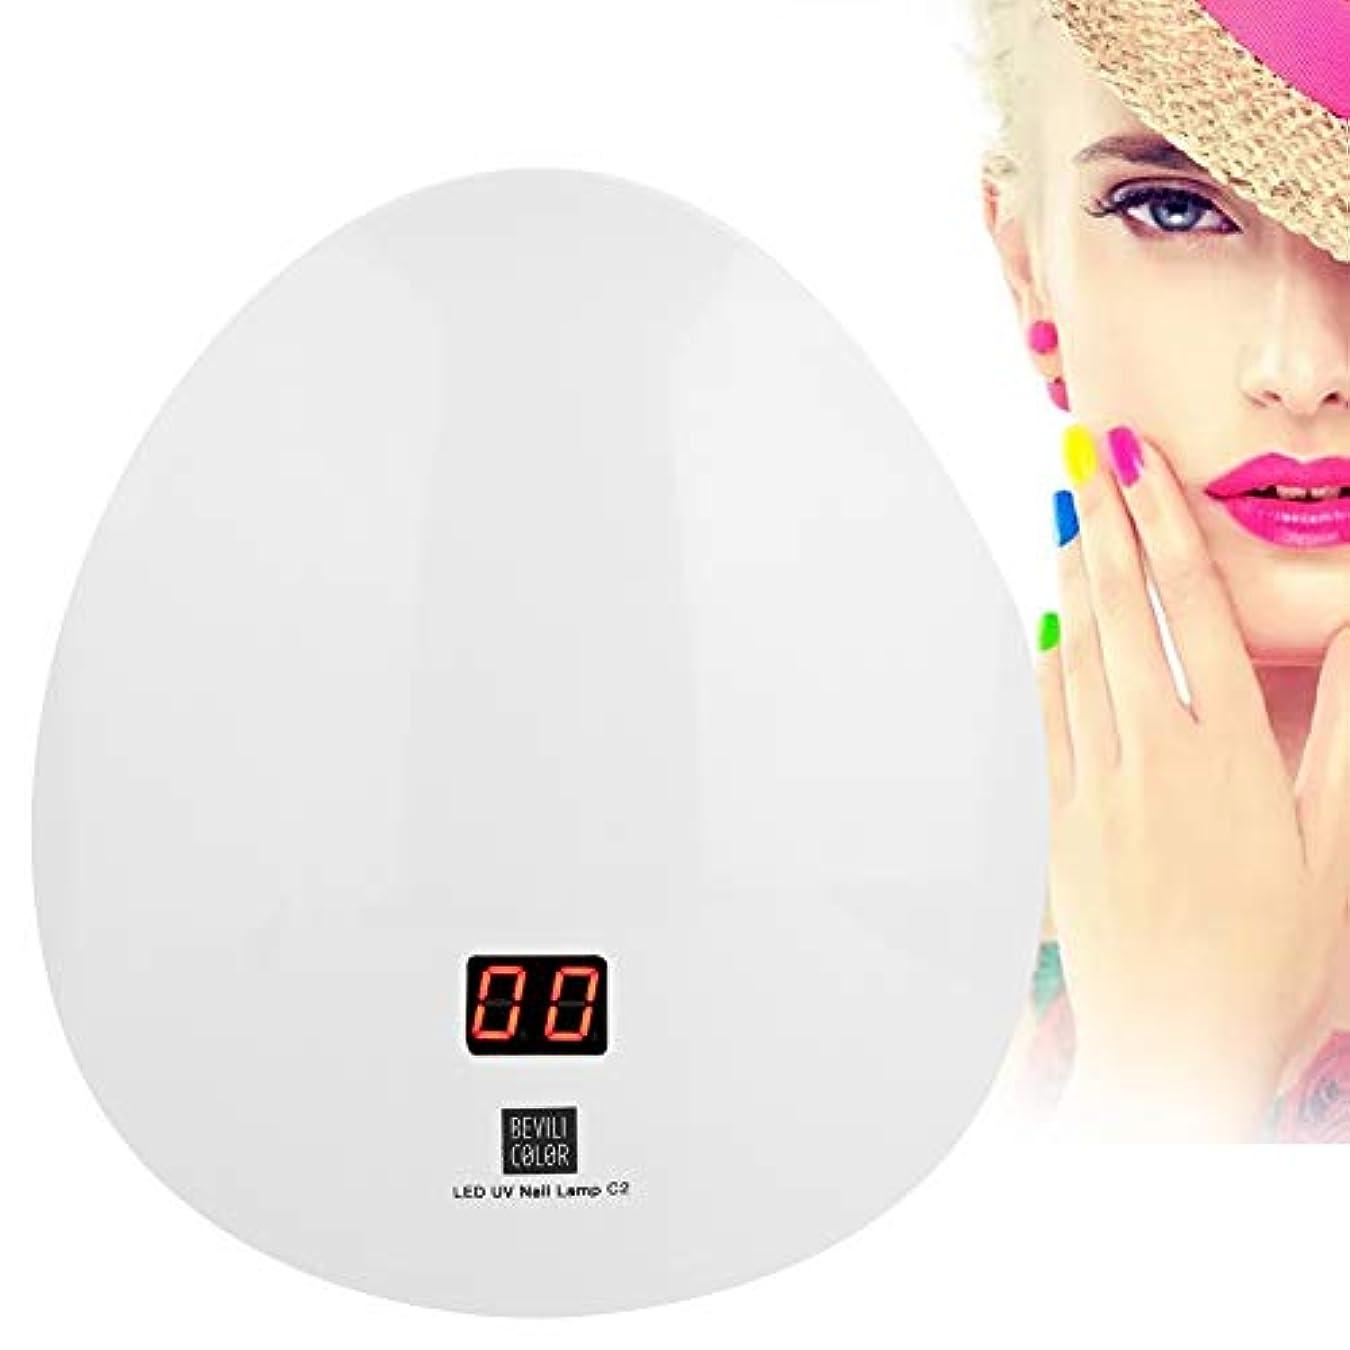 食品マージ多年生UVネイルドライヤー、45WインテリジェントLED UVジェルネイルポリッシュドライヤーランプファッションネイル硬化機マニキュアライトツール